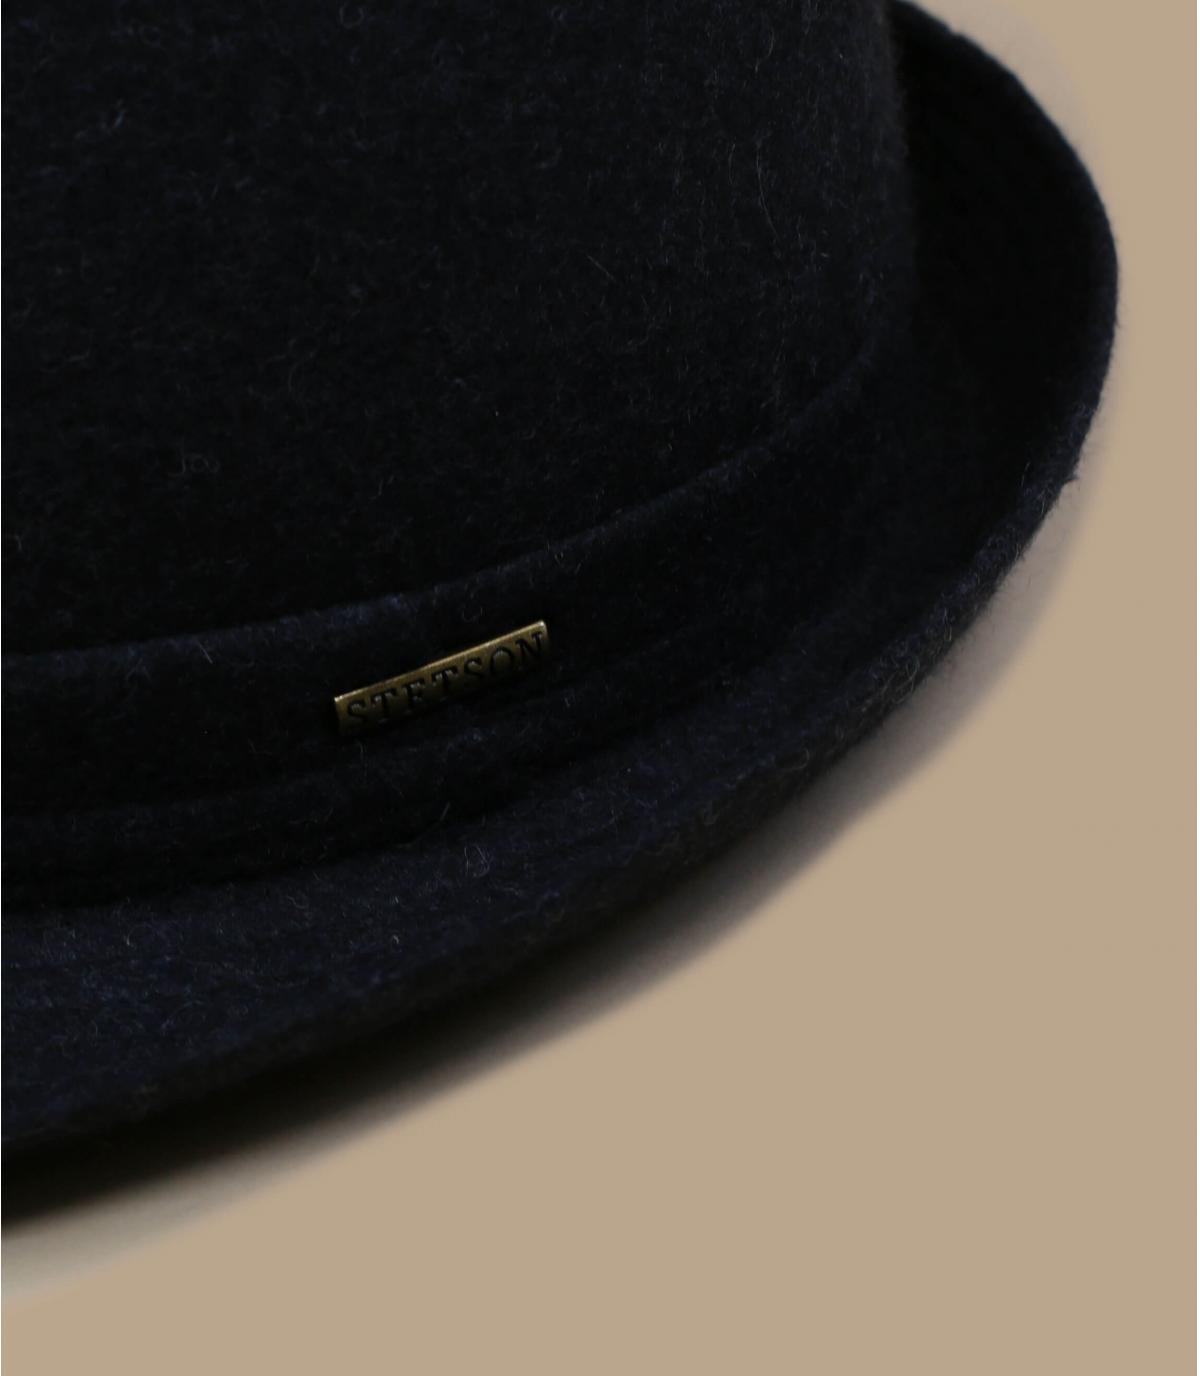 Detalles Benavides Wool grey imagen 2